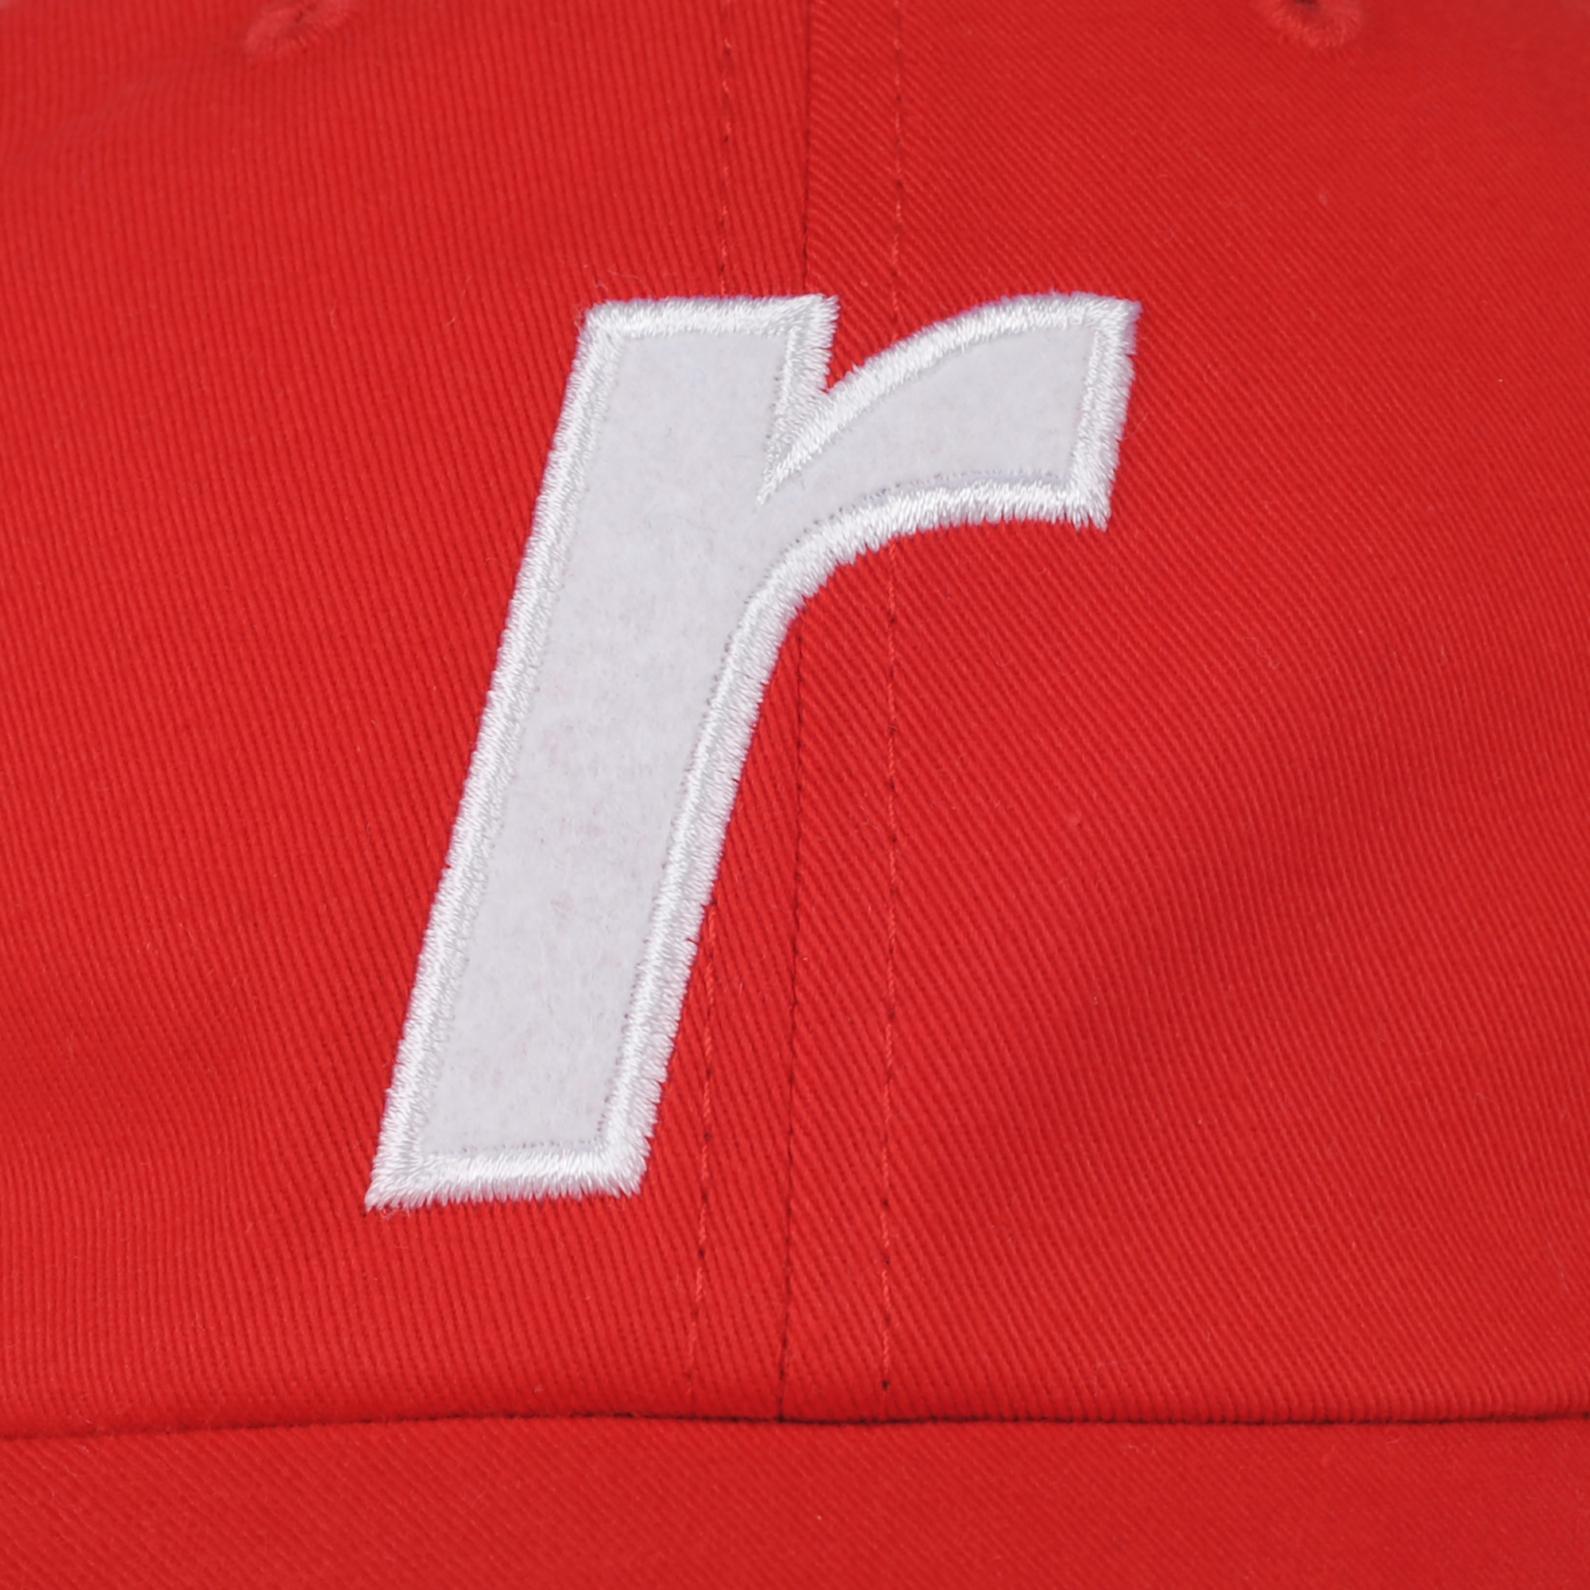 """【RAVE SKATEBOARDS/レイブスケートボード】R LOGO CAP """"FELT"""" ダドキャップ / RED"""